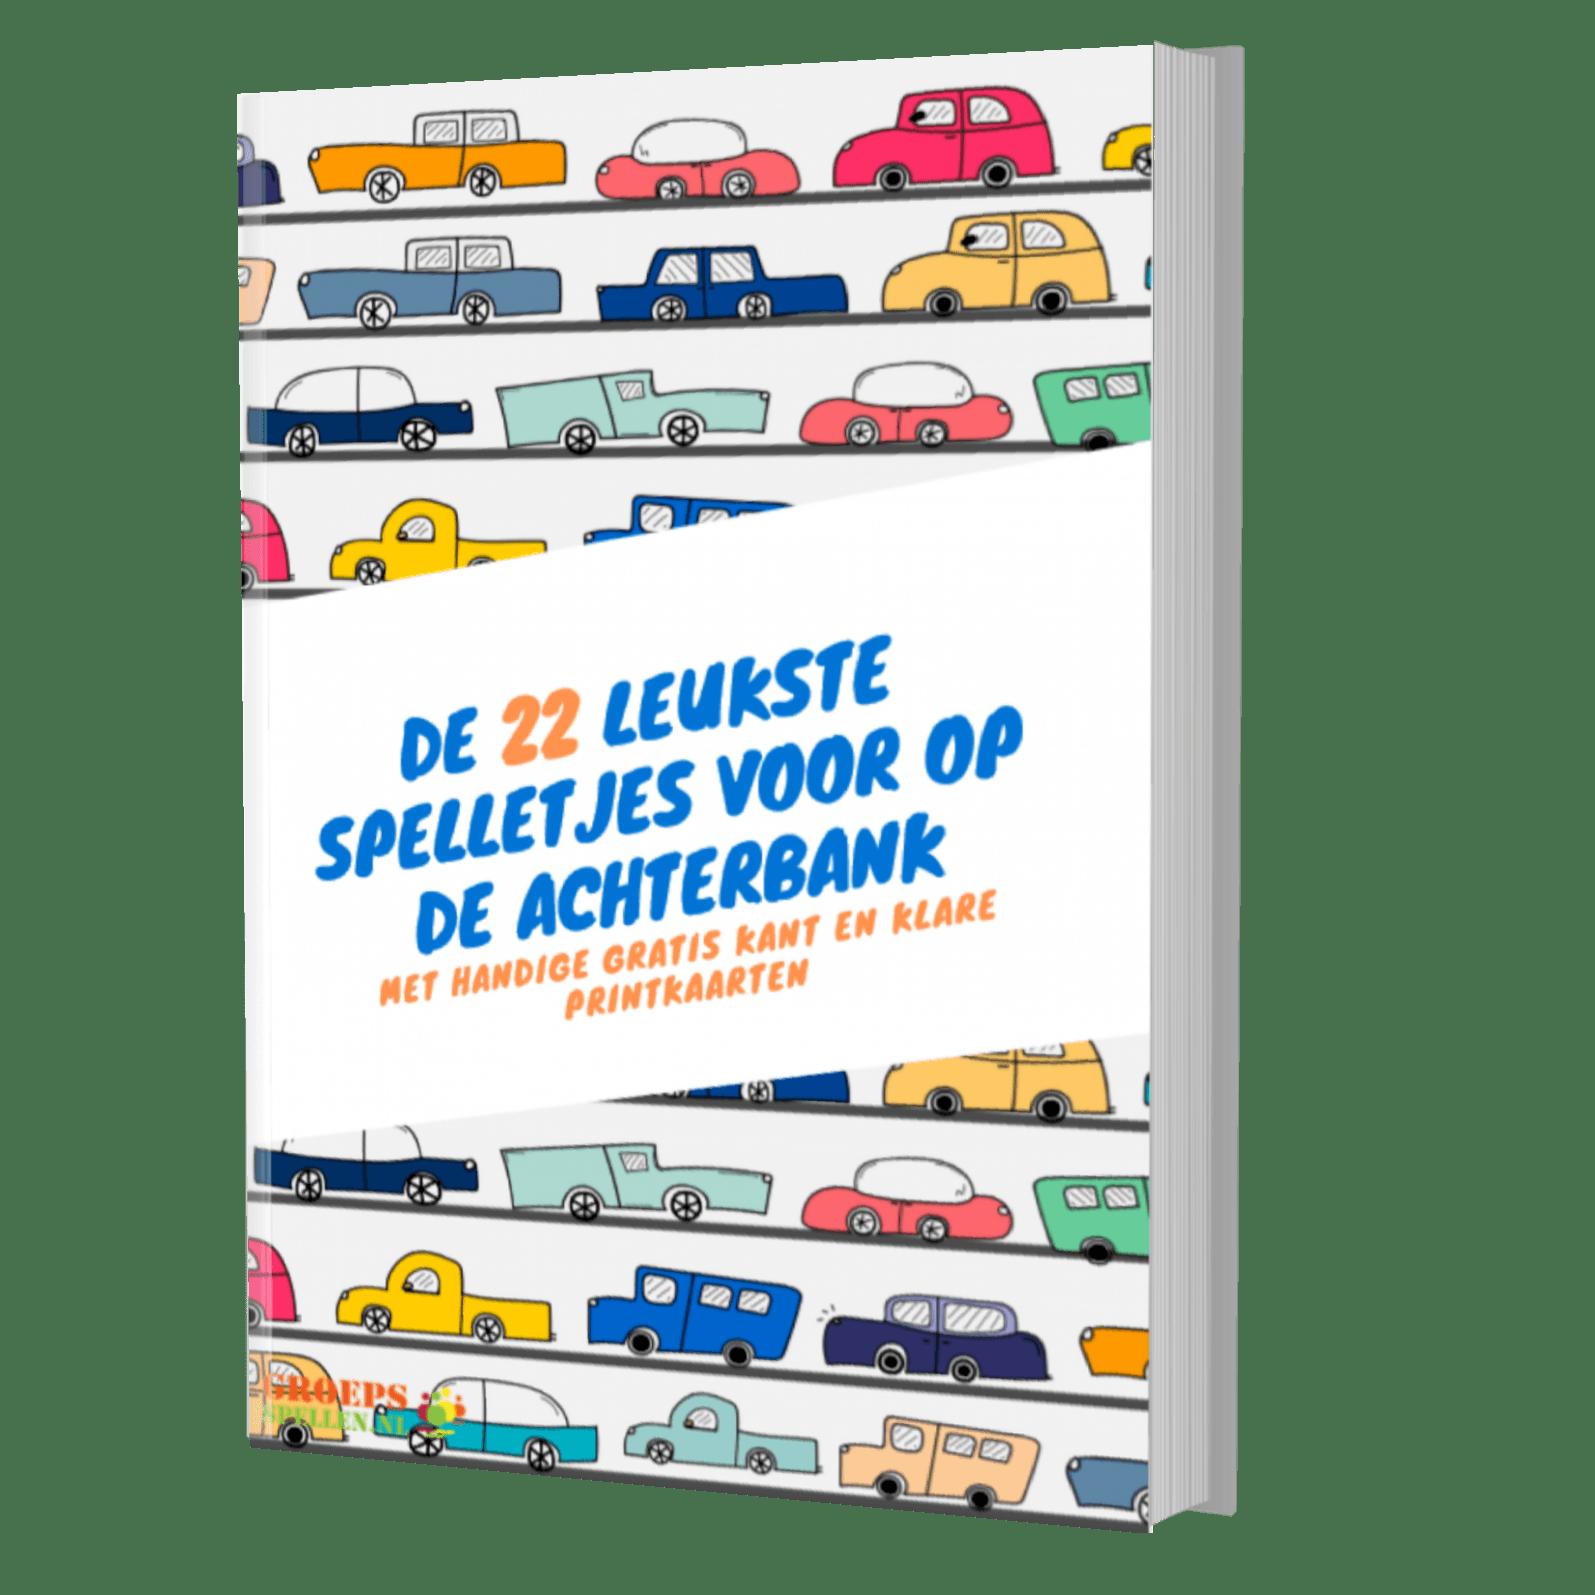 De_22_leukste_spelletjes_voor_op_de_achterbank